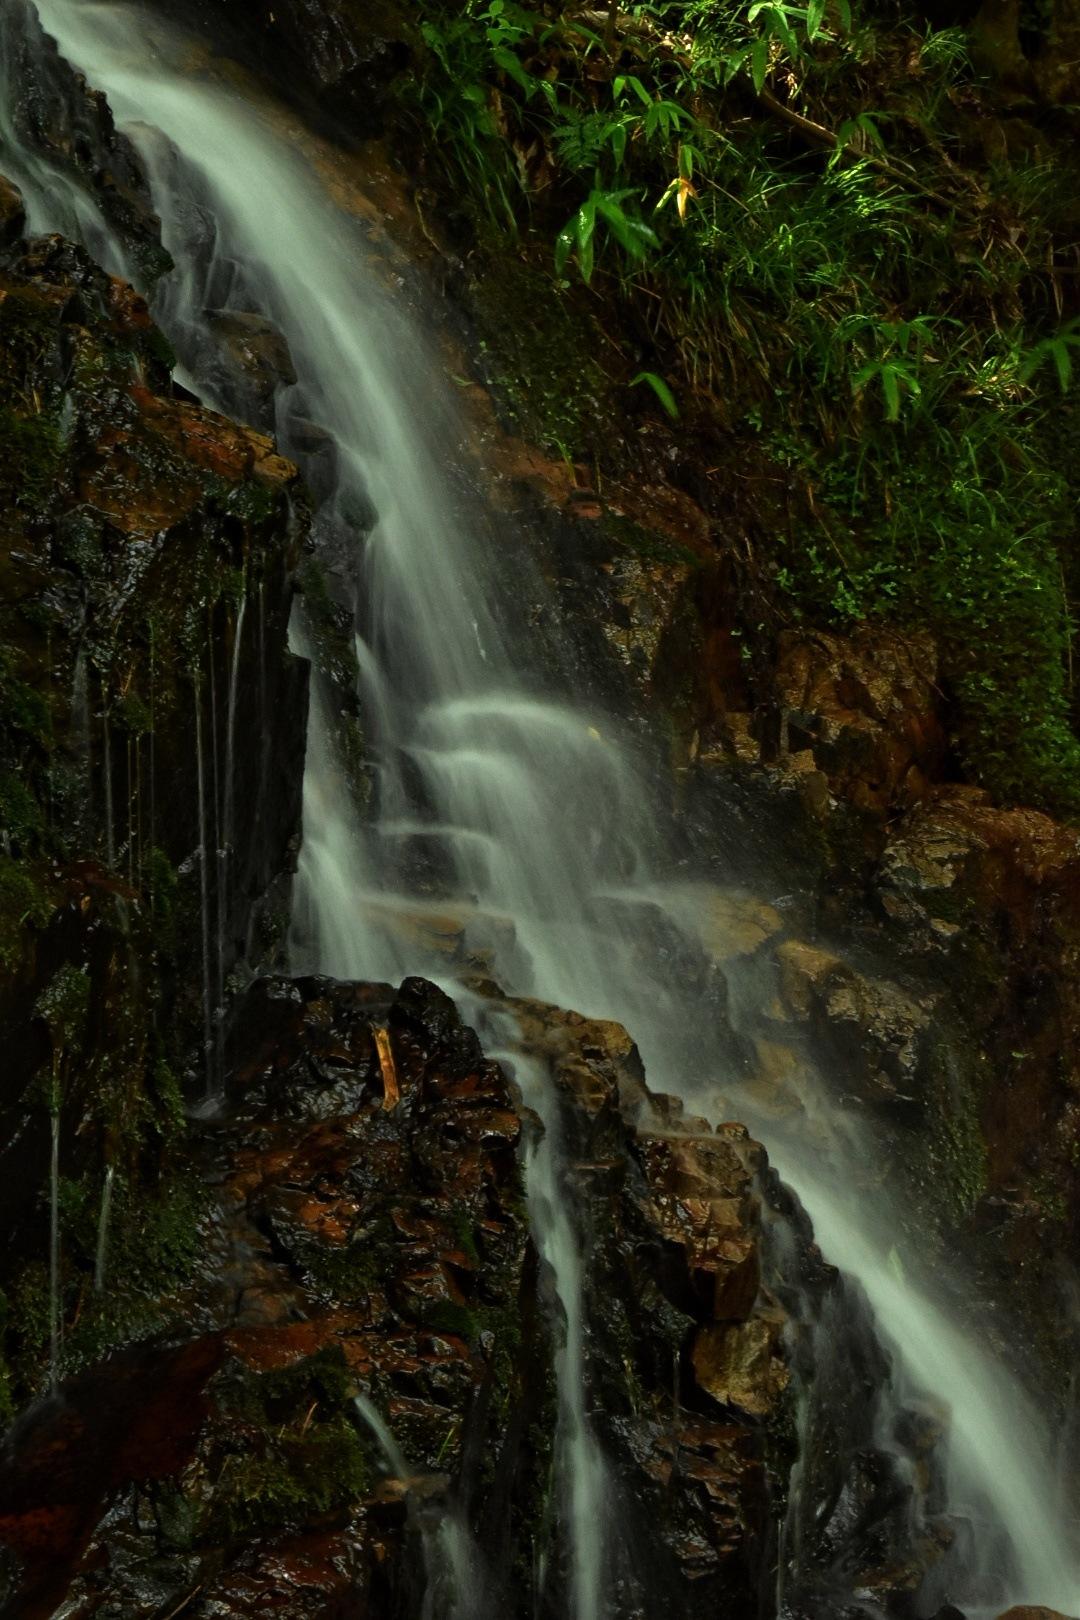 京都。水晶簾の滝 by kumikoxinye